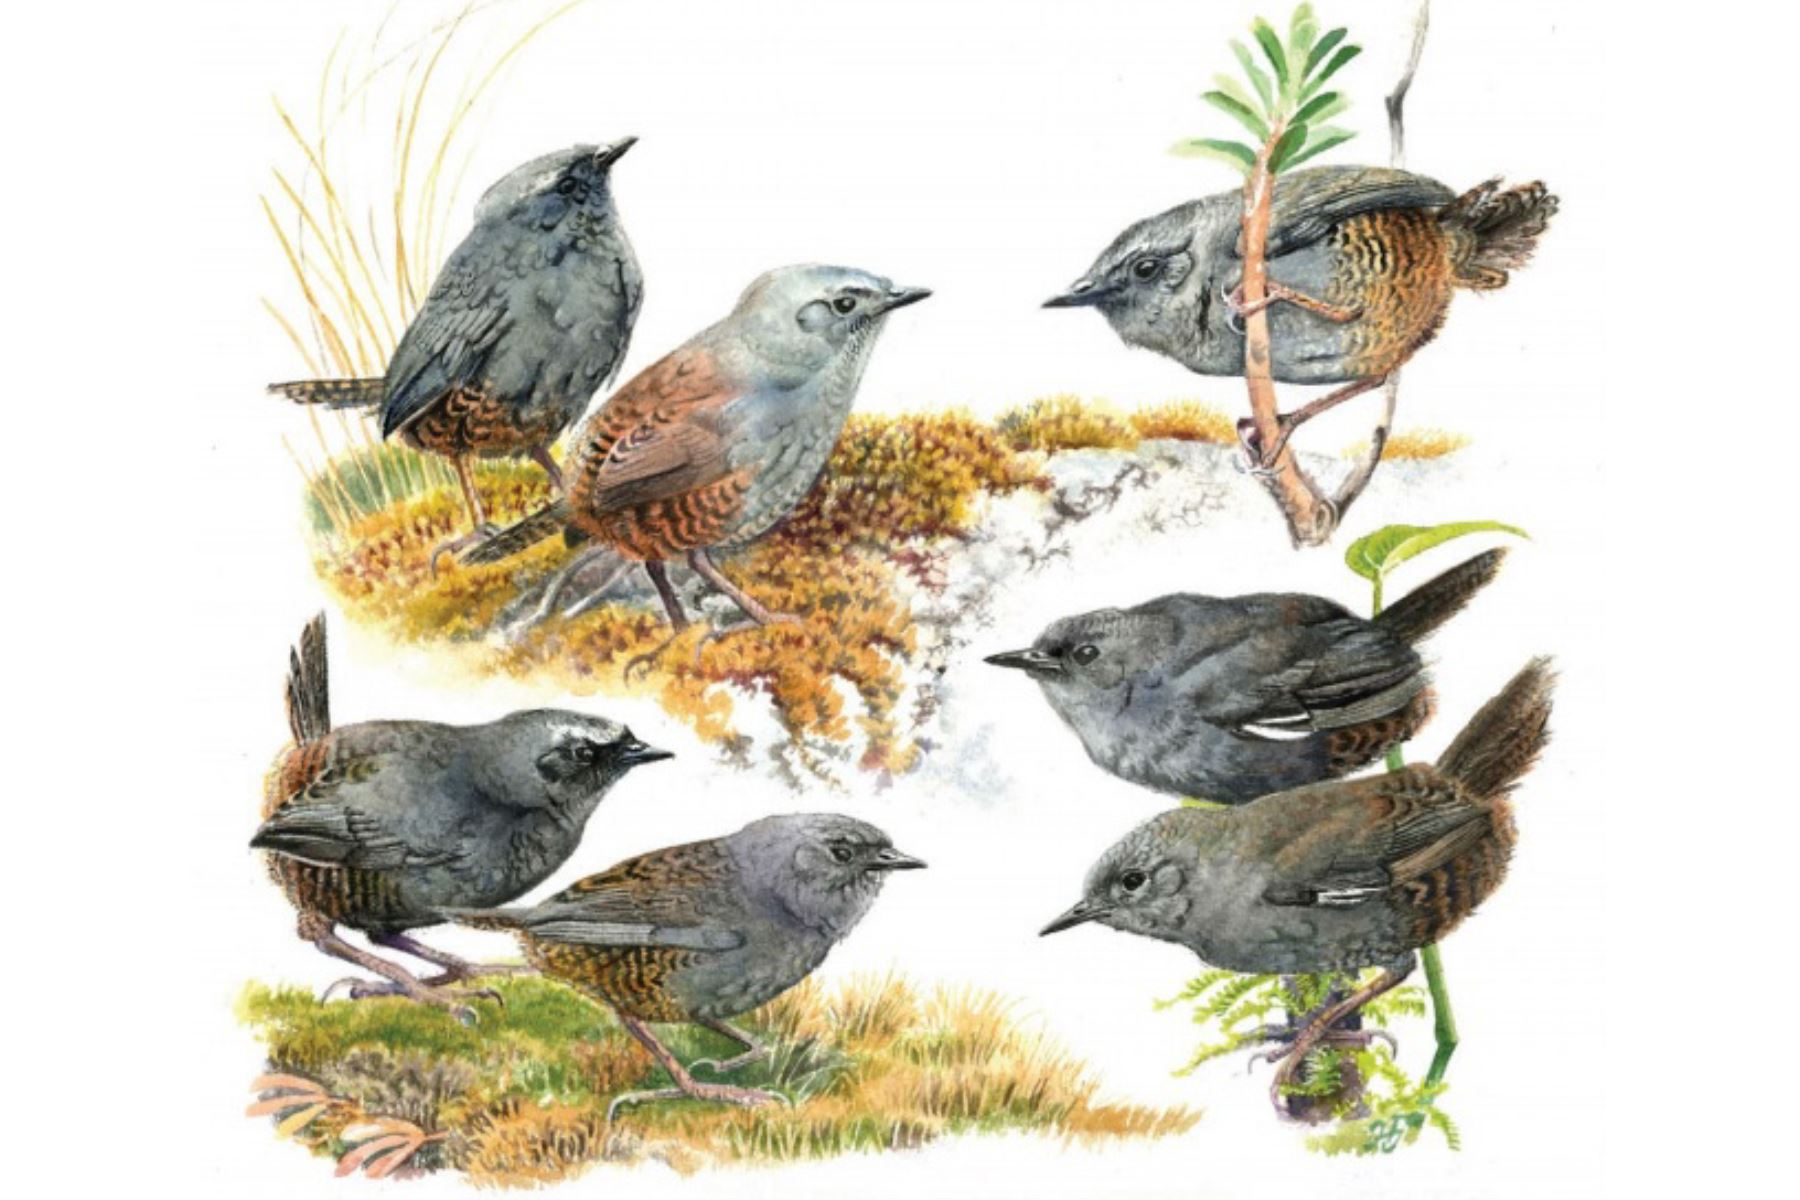 Científicos peruanos y extranjeros descubren tres nuevas especies de aves en áreas naturales protegidas ubicadas en los Andes centrales. ANDINA/Difusión